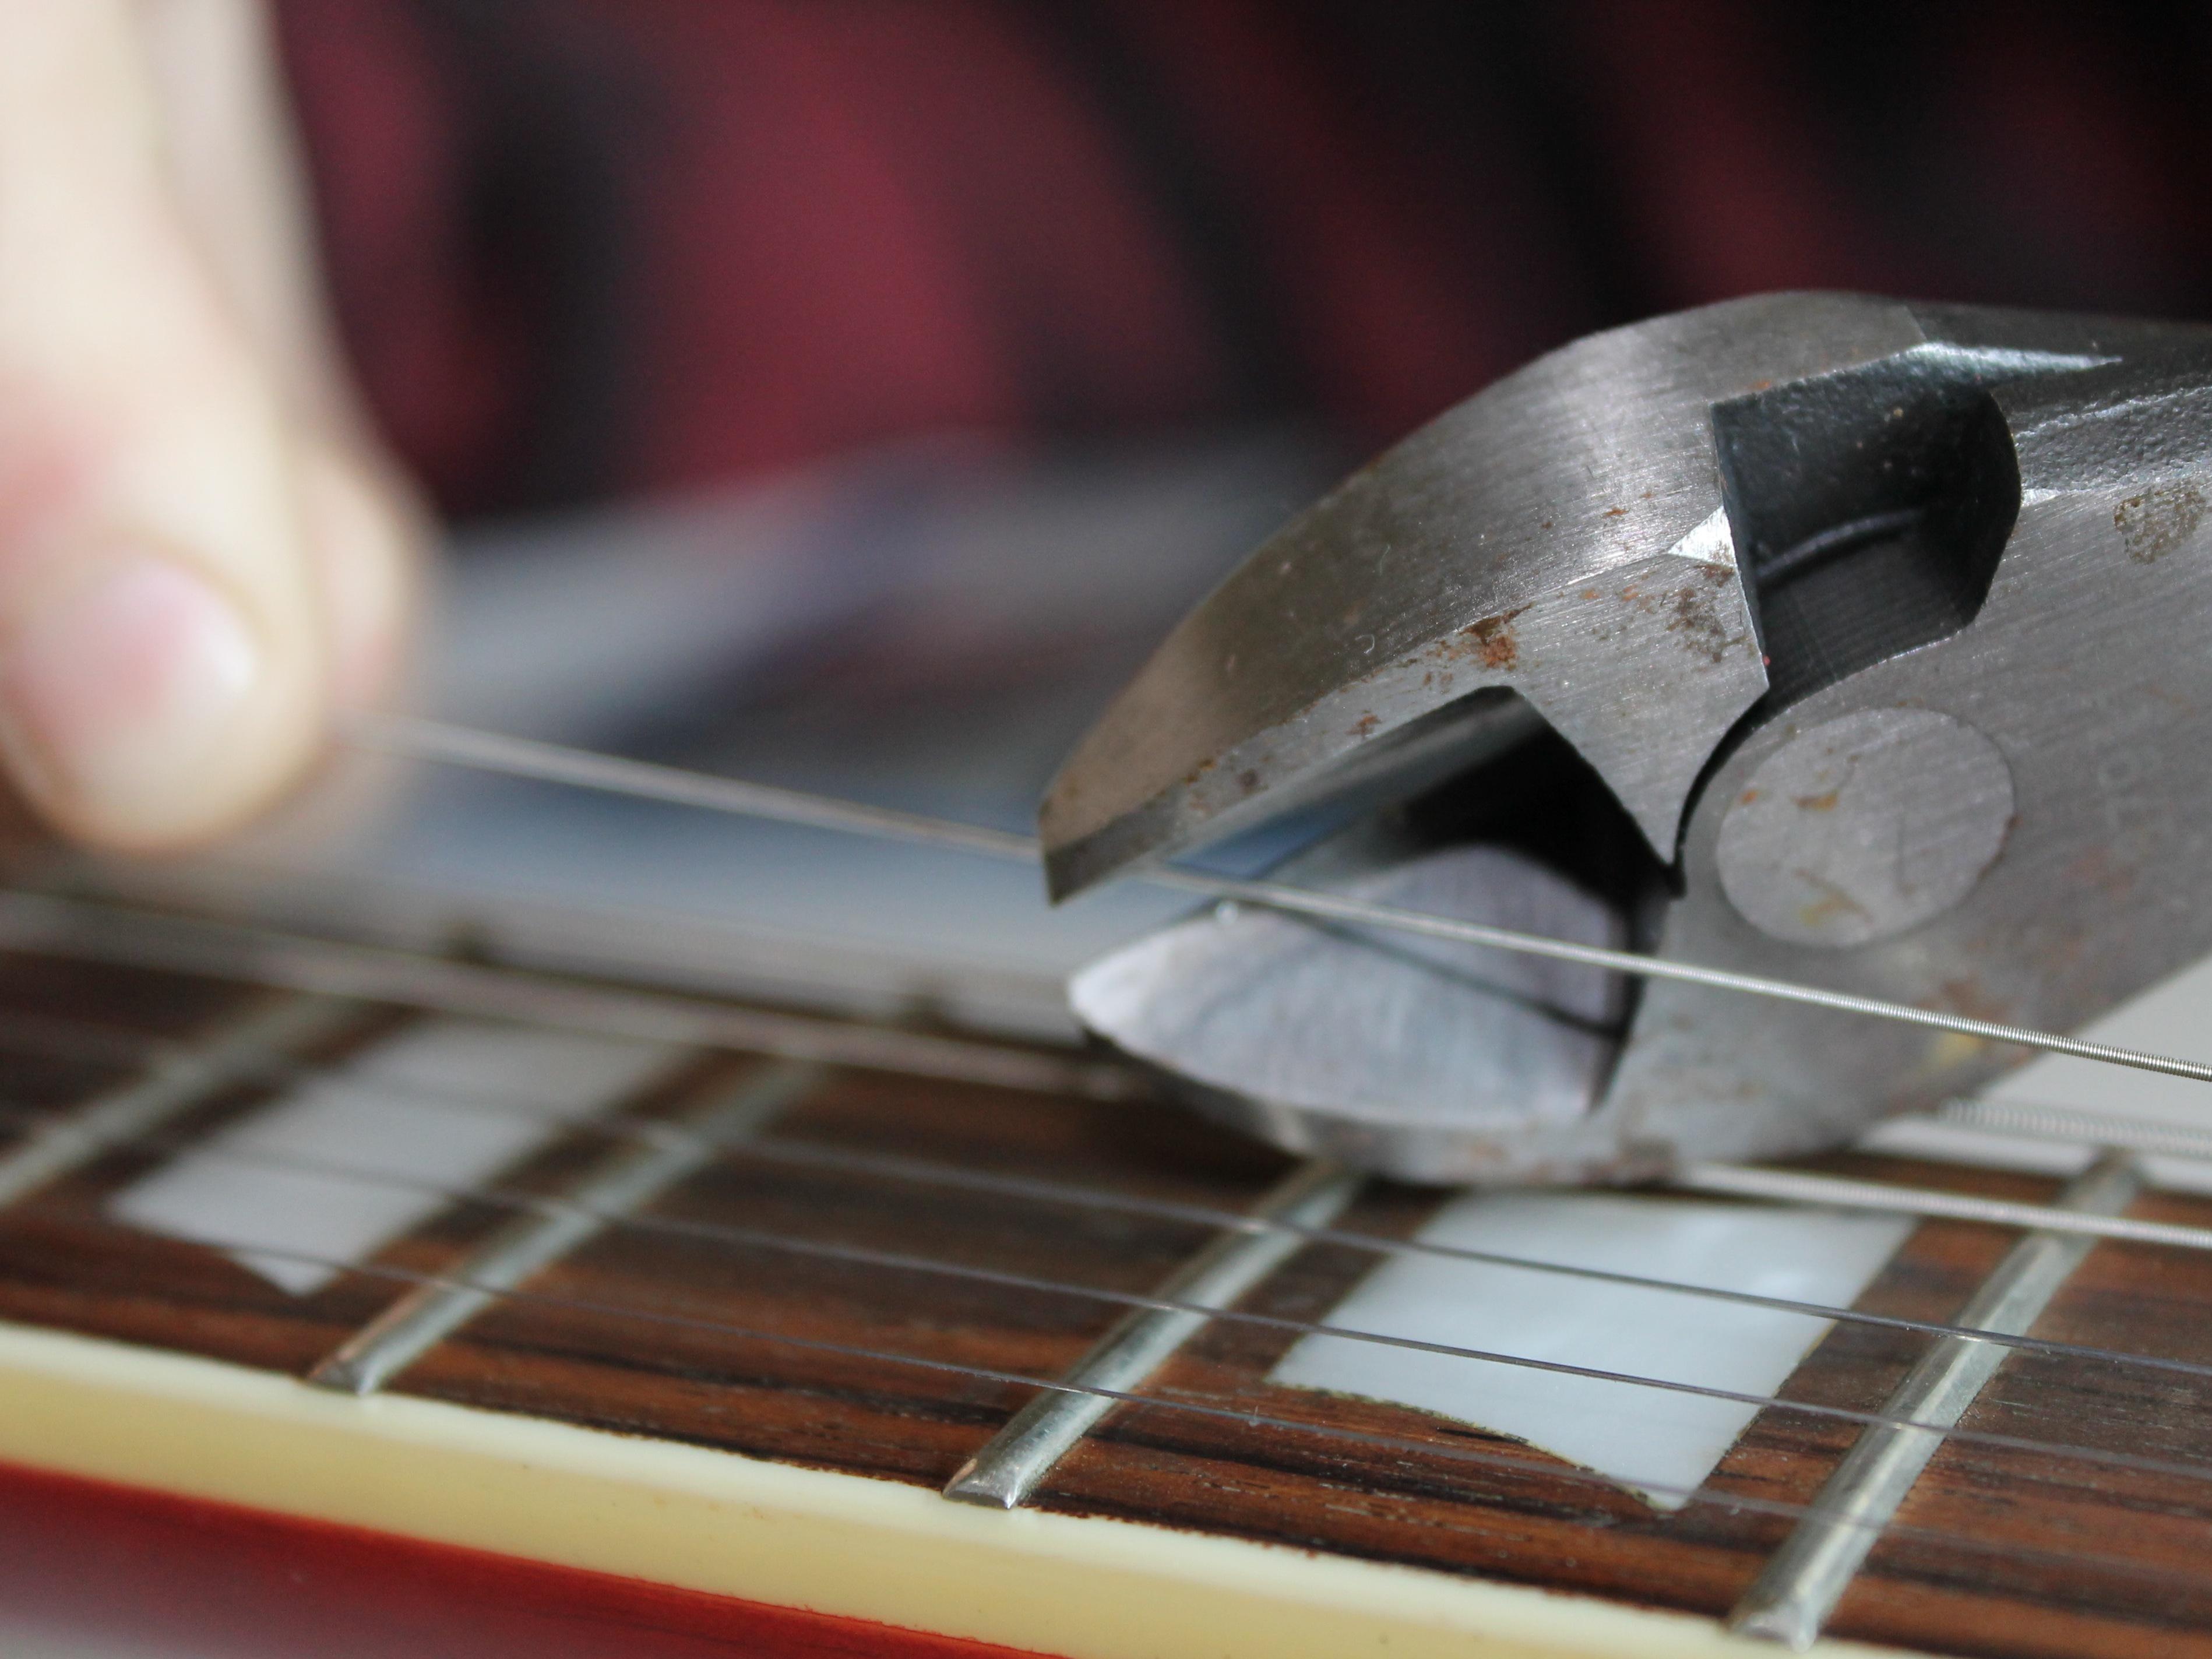 Les Paul Epiphone Guitar String Replacement - iFixit Repair Guide